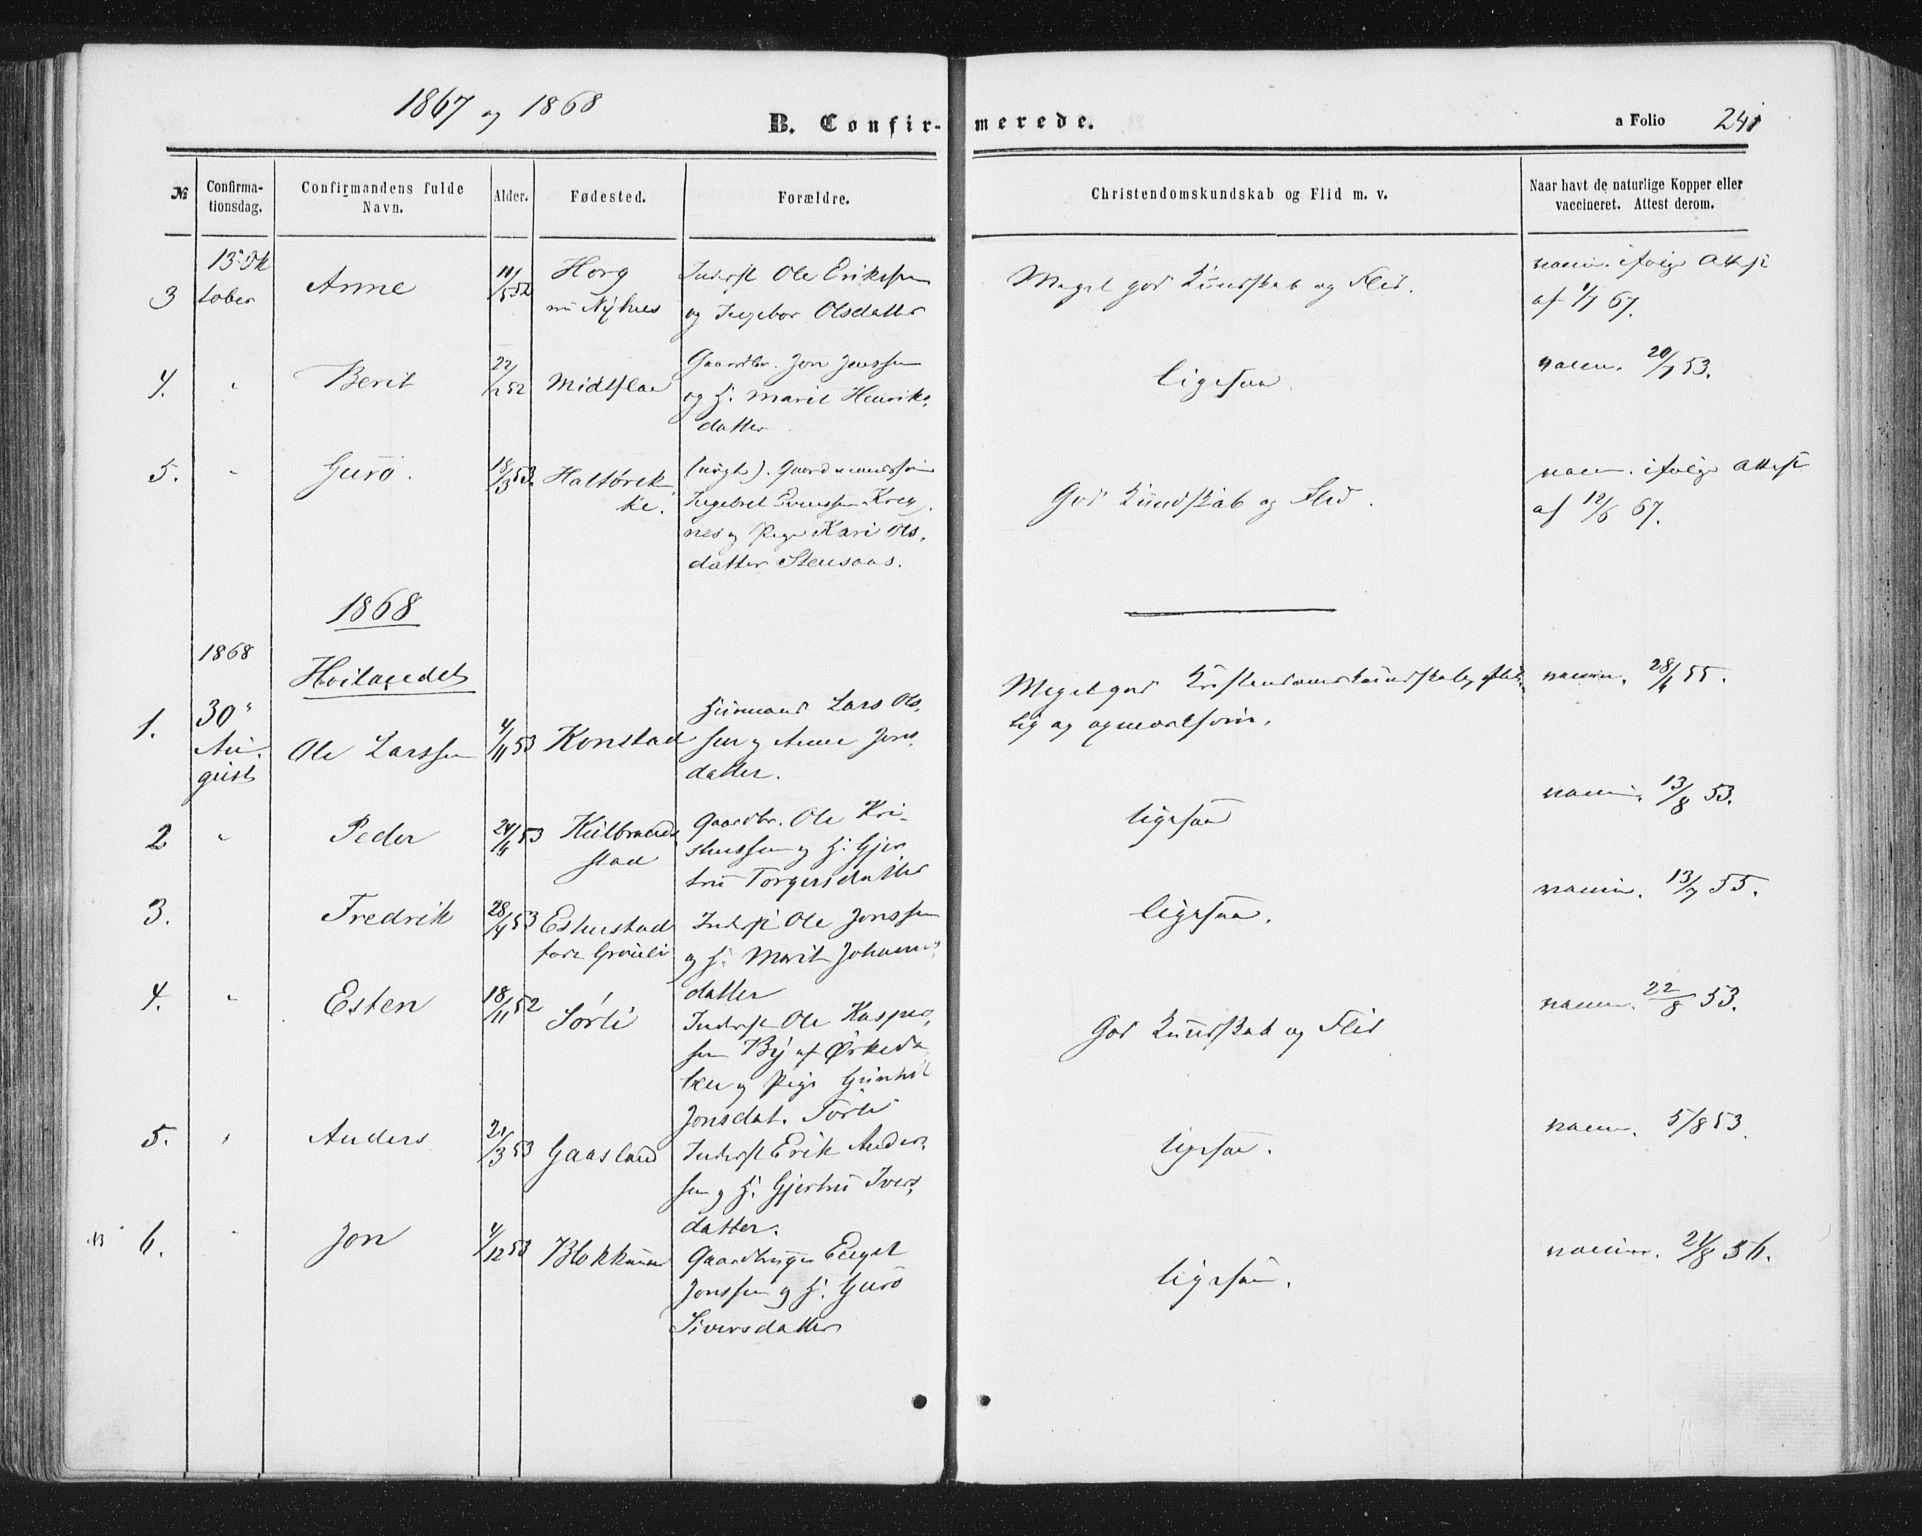 SAT, Ministerialprotokoller, klokkerbøker og fødselsregistre - Sør-Trøndelag, 691/L1077: Ministerialbok nr. 691A09, 1862-1873, s. 241